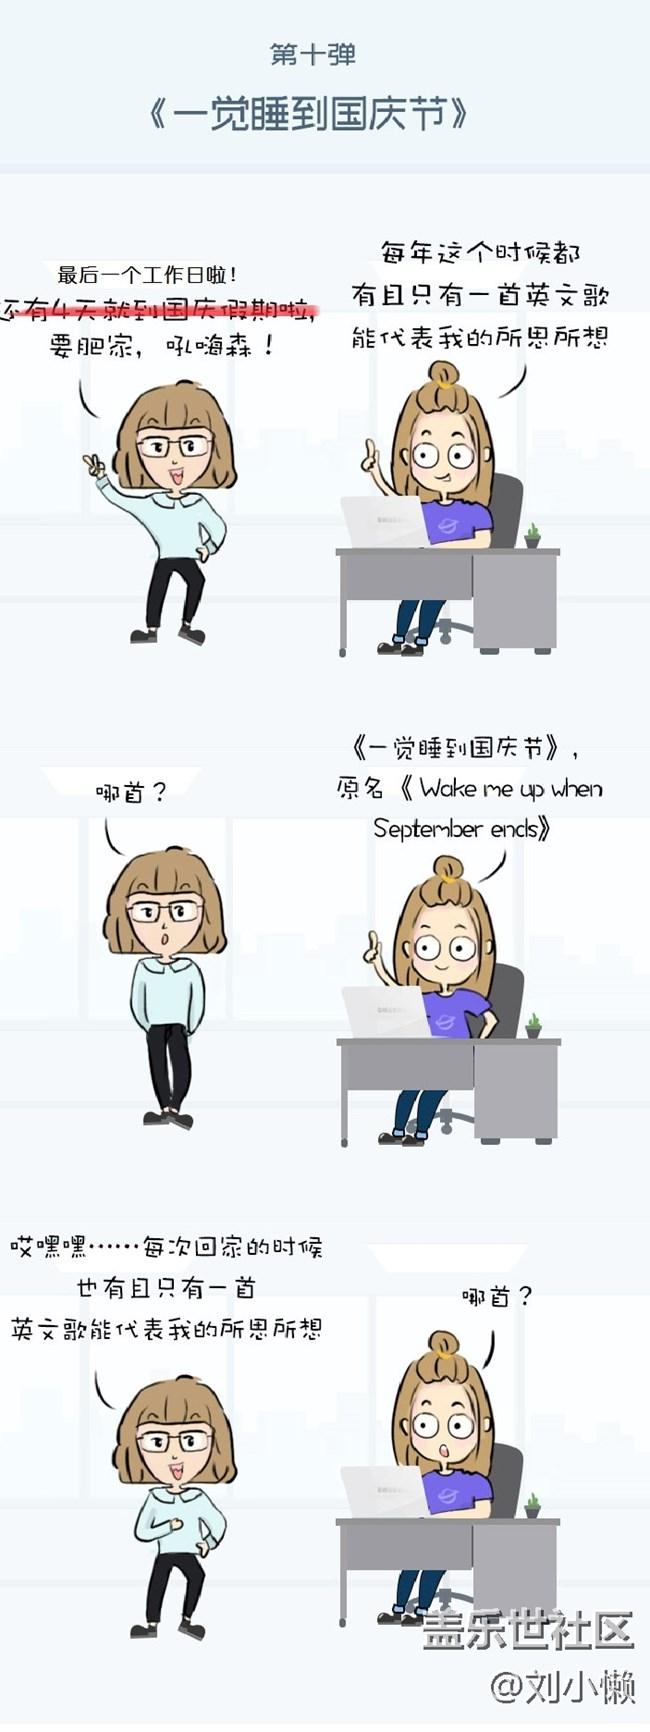 漫画第十弹: 一觉睡到国庆节